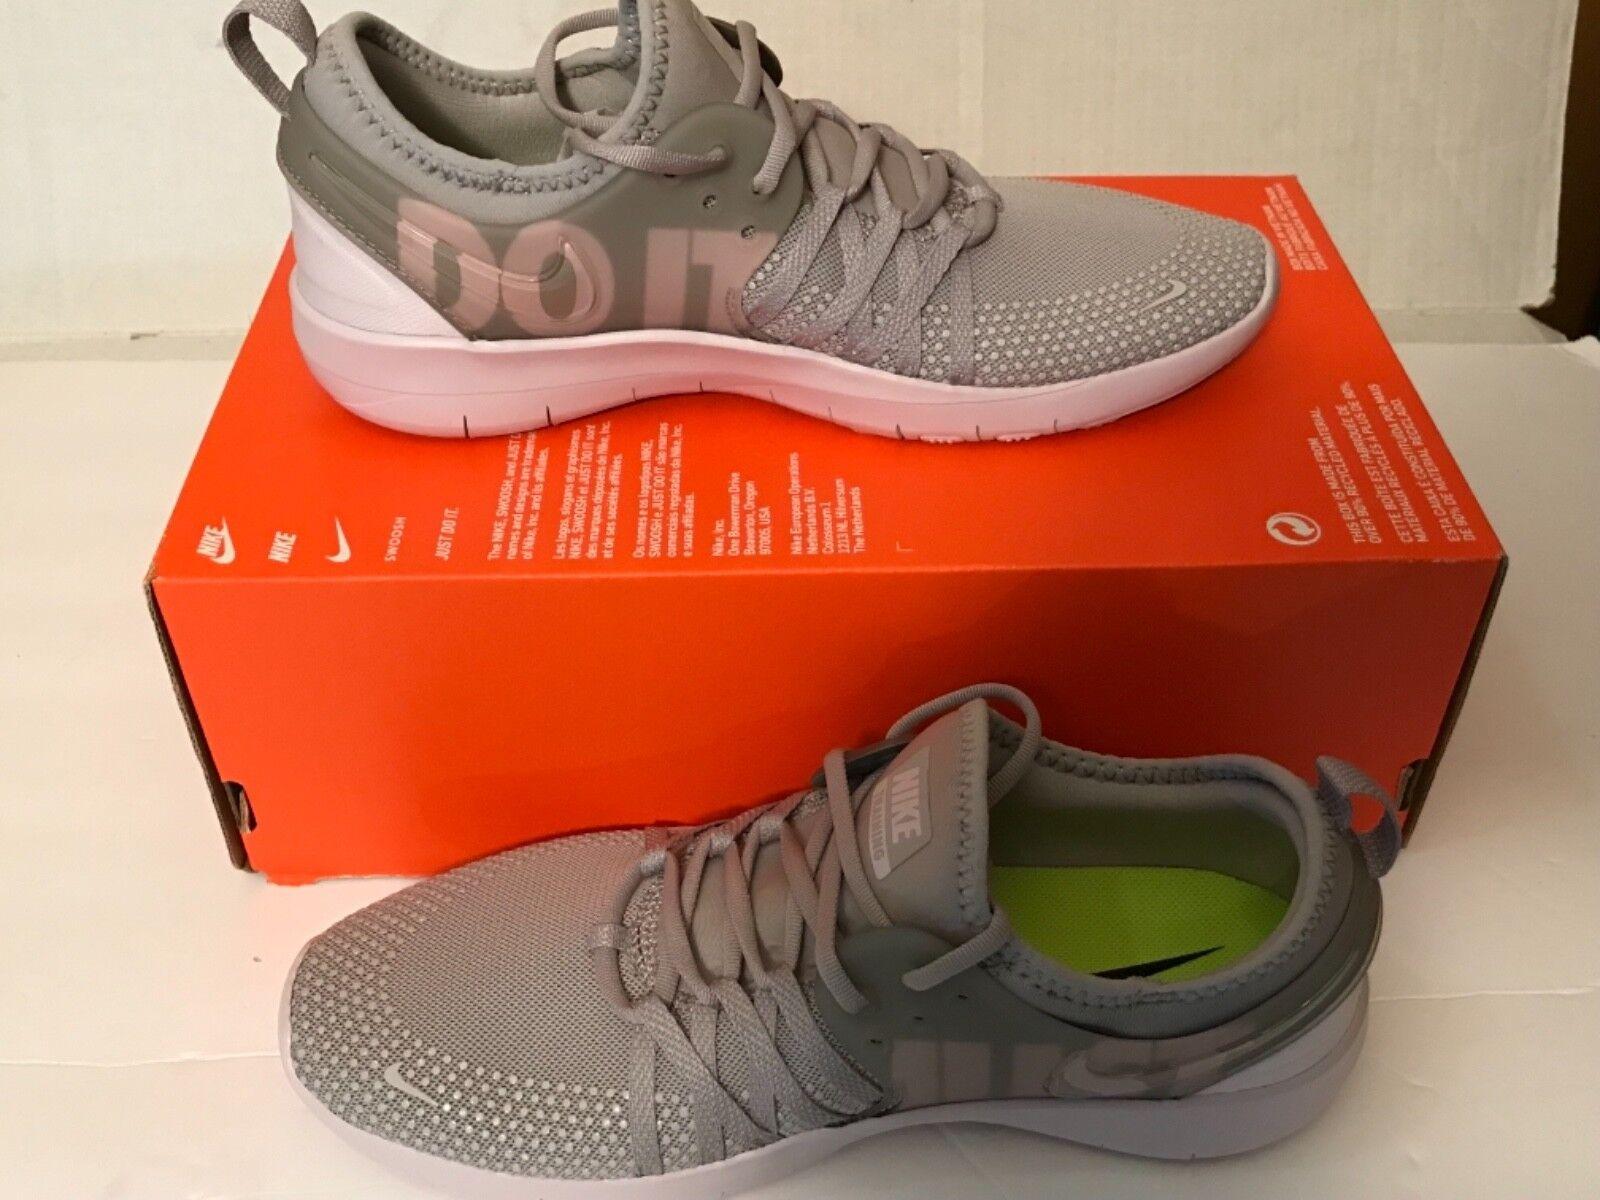 sale retailer 9d44f ad543 Women s Nike Free trainer 7 premium premium premium Size 8 brand new,  924592-200